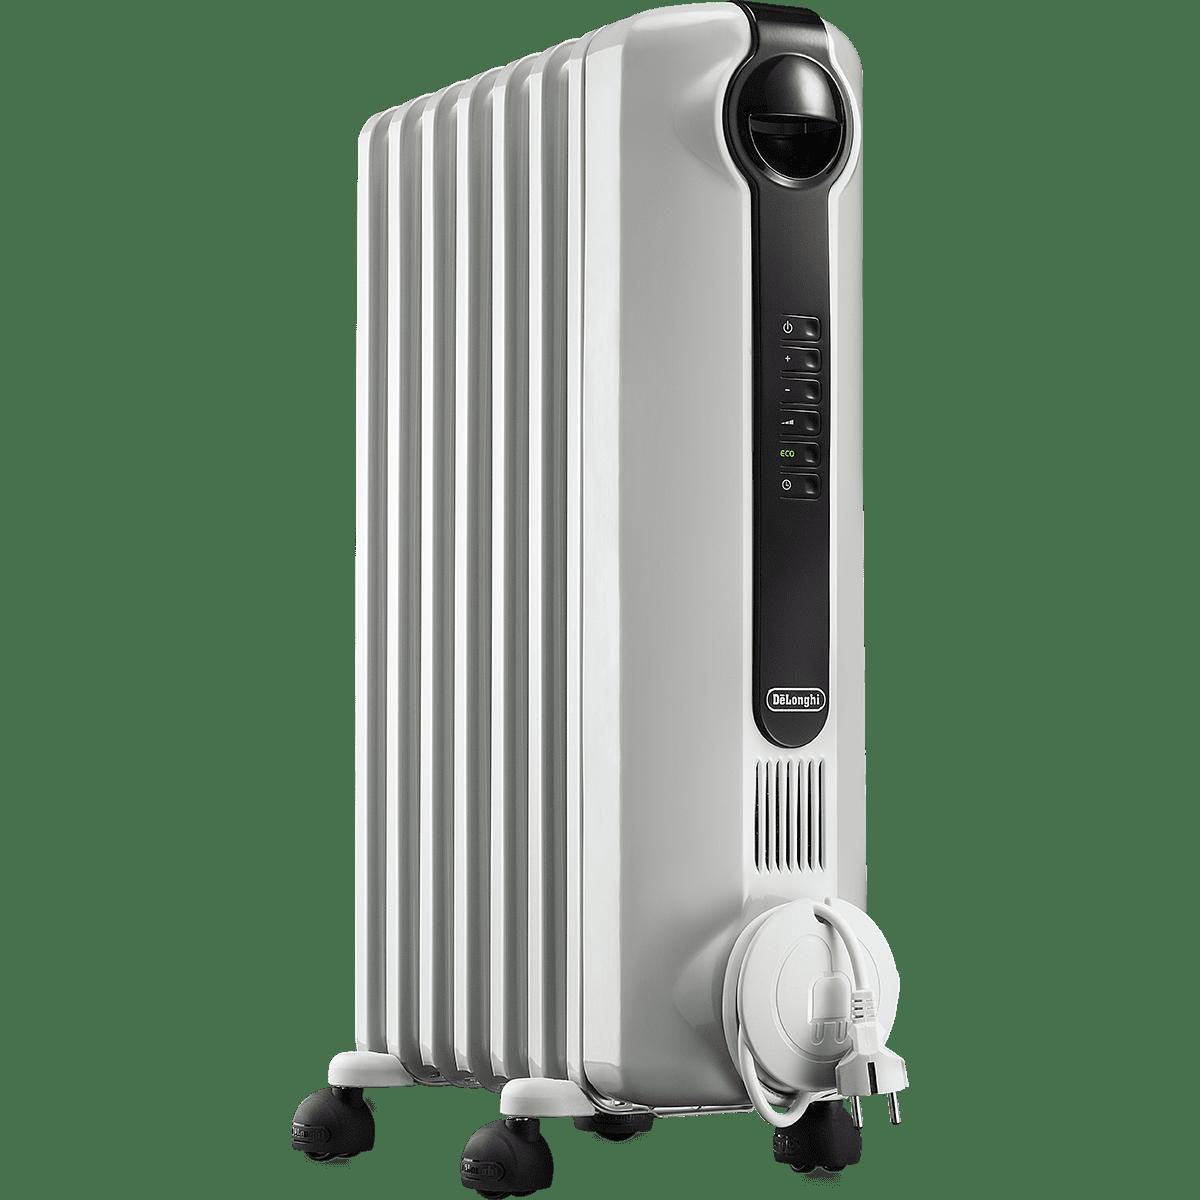 DeLonghi Oil-Filled Radiator Heater Model: TRRS0715E